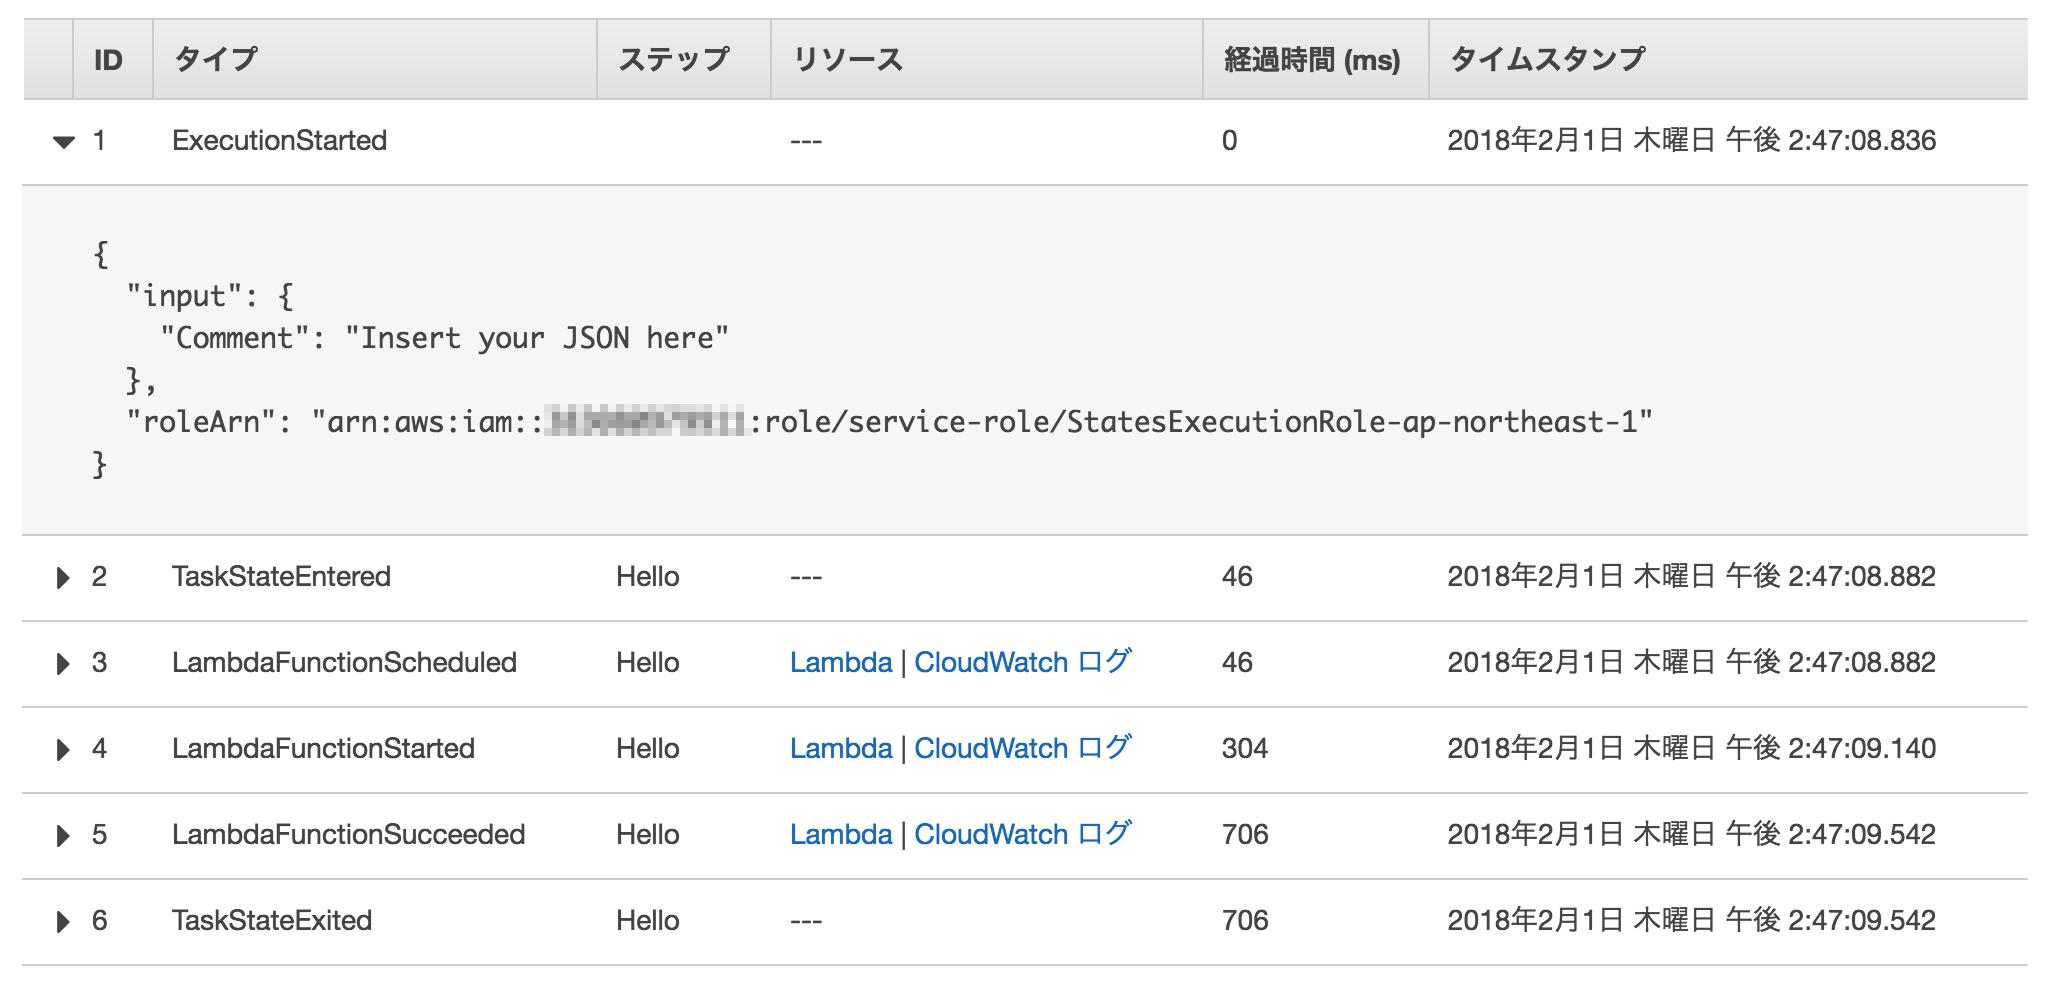 スクリーンショット 2018-02-02 0.54.50.png